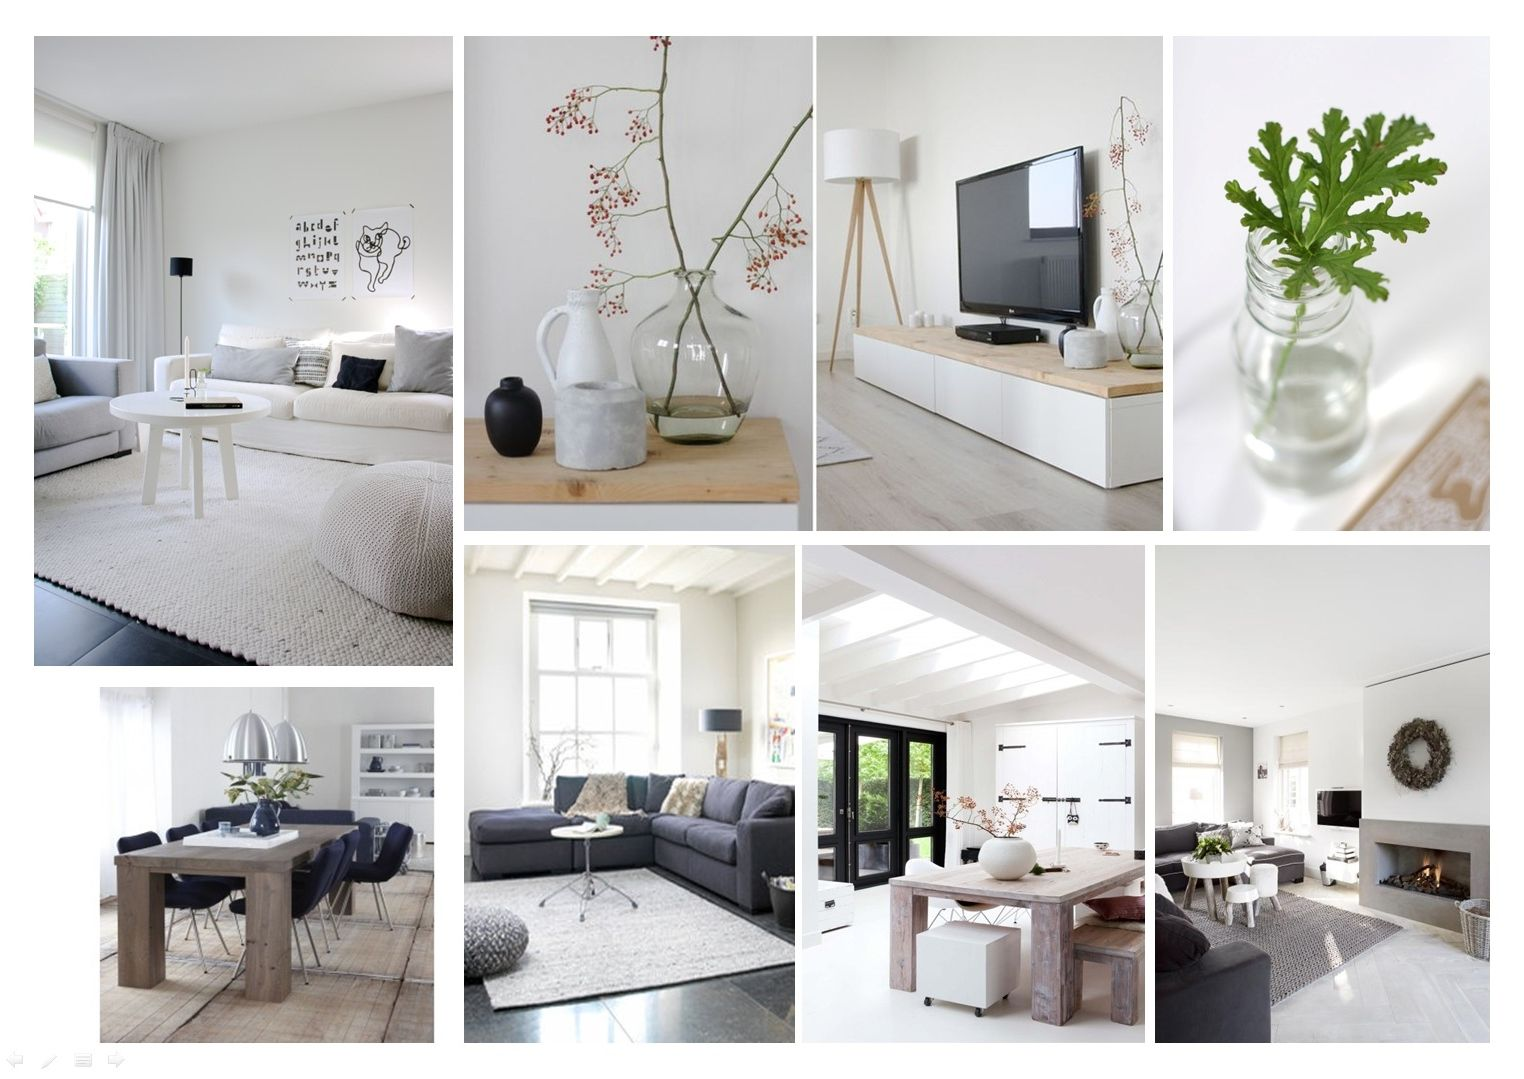 landelijk moderne woonkamer - Google zoeken | Moodboard interieur ...